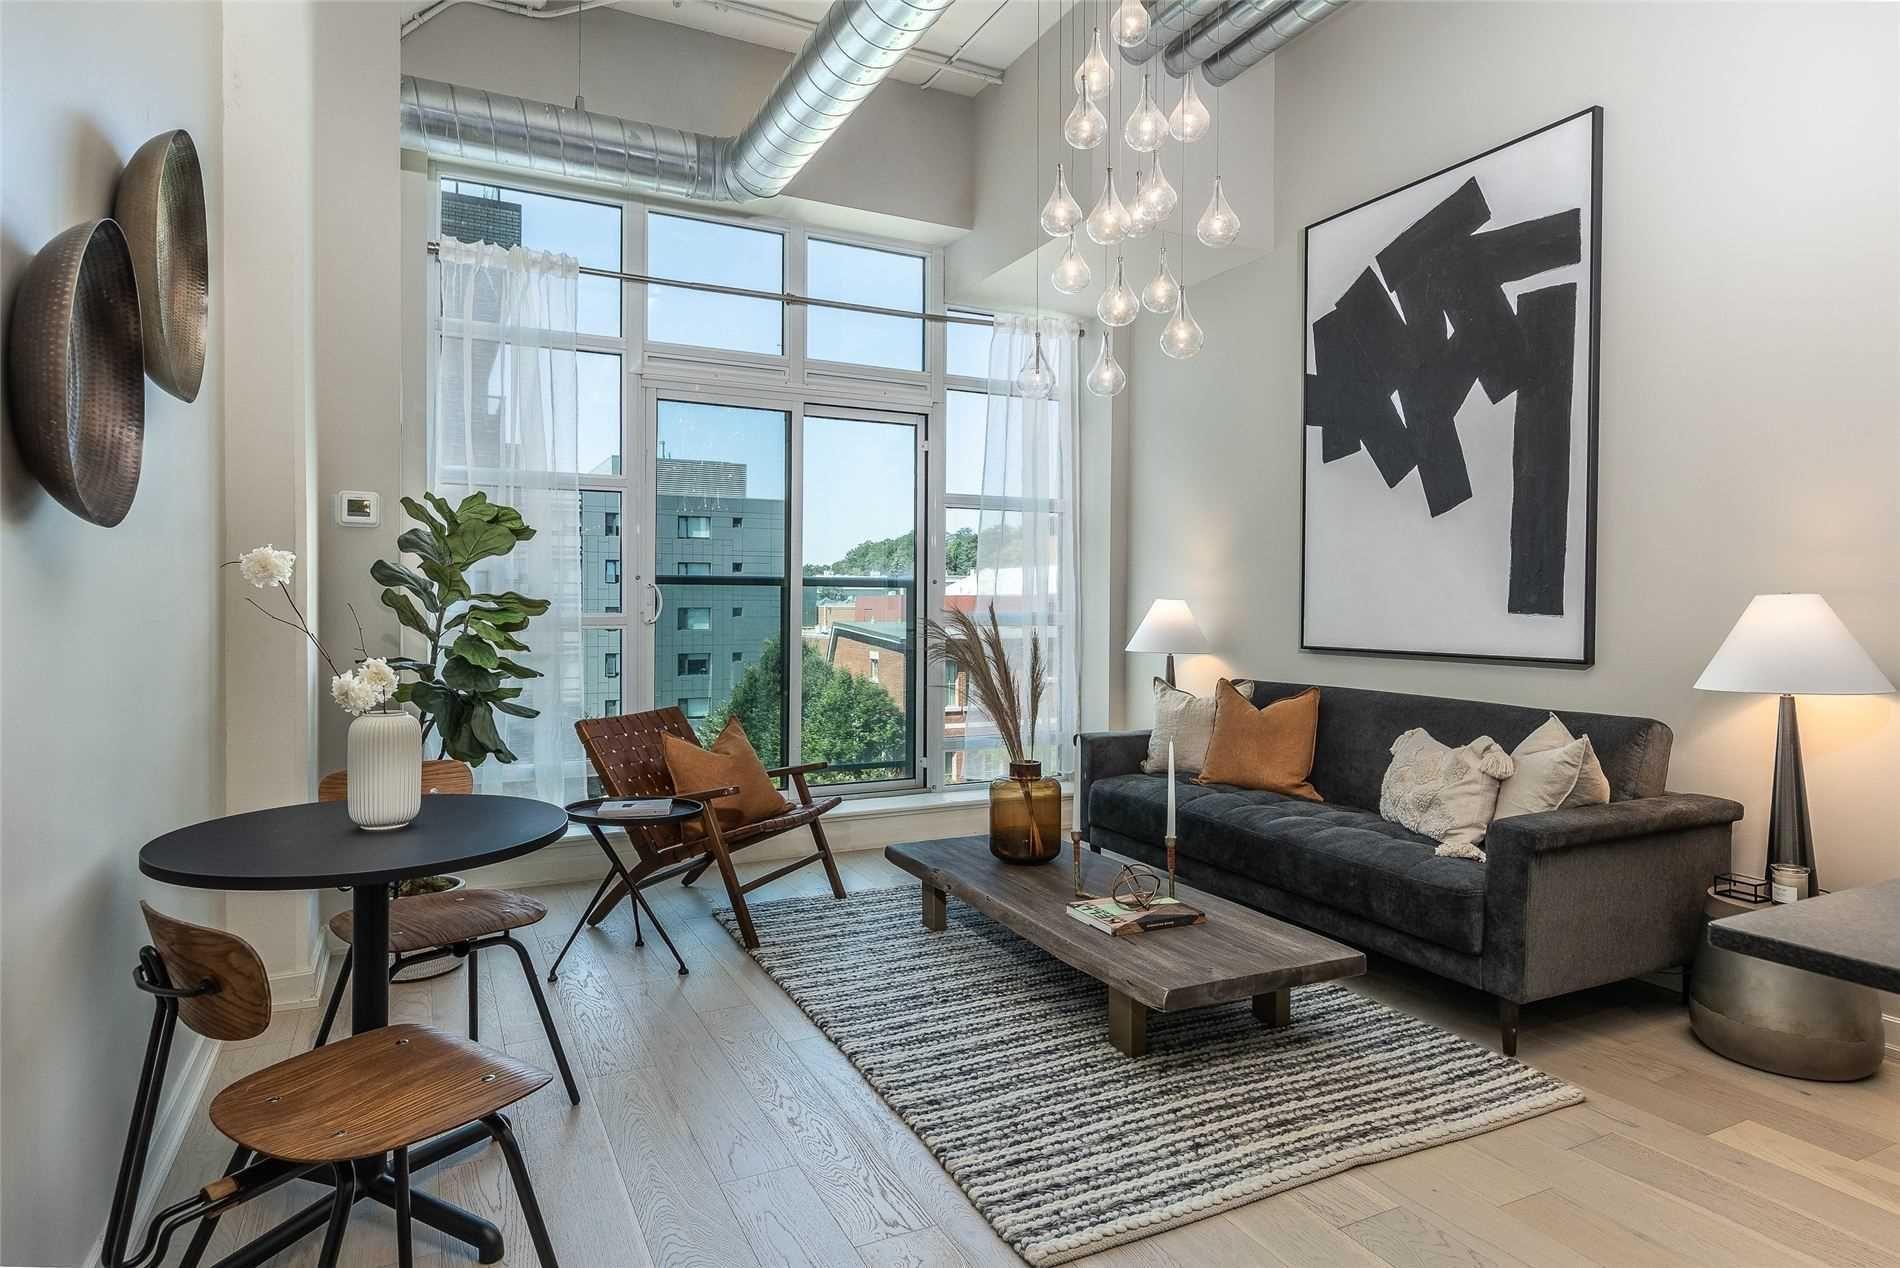 Main Photo: 313 380 Macpherson Avenue in Toronto: Casa Loma Condo for sale (Toronto C02)  : MLS®# C5372086